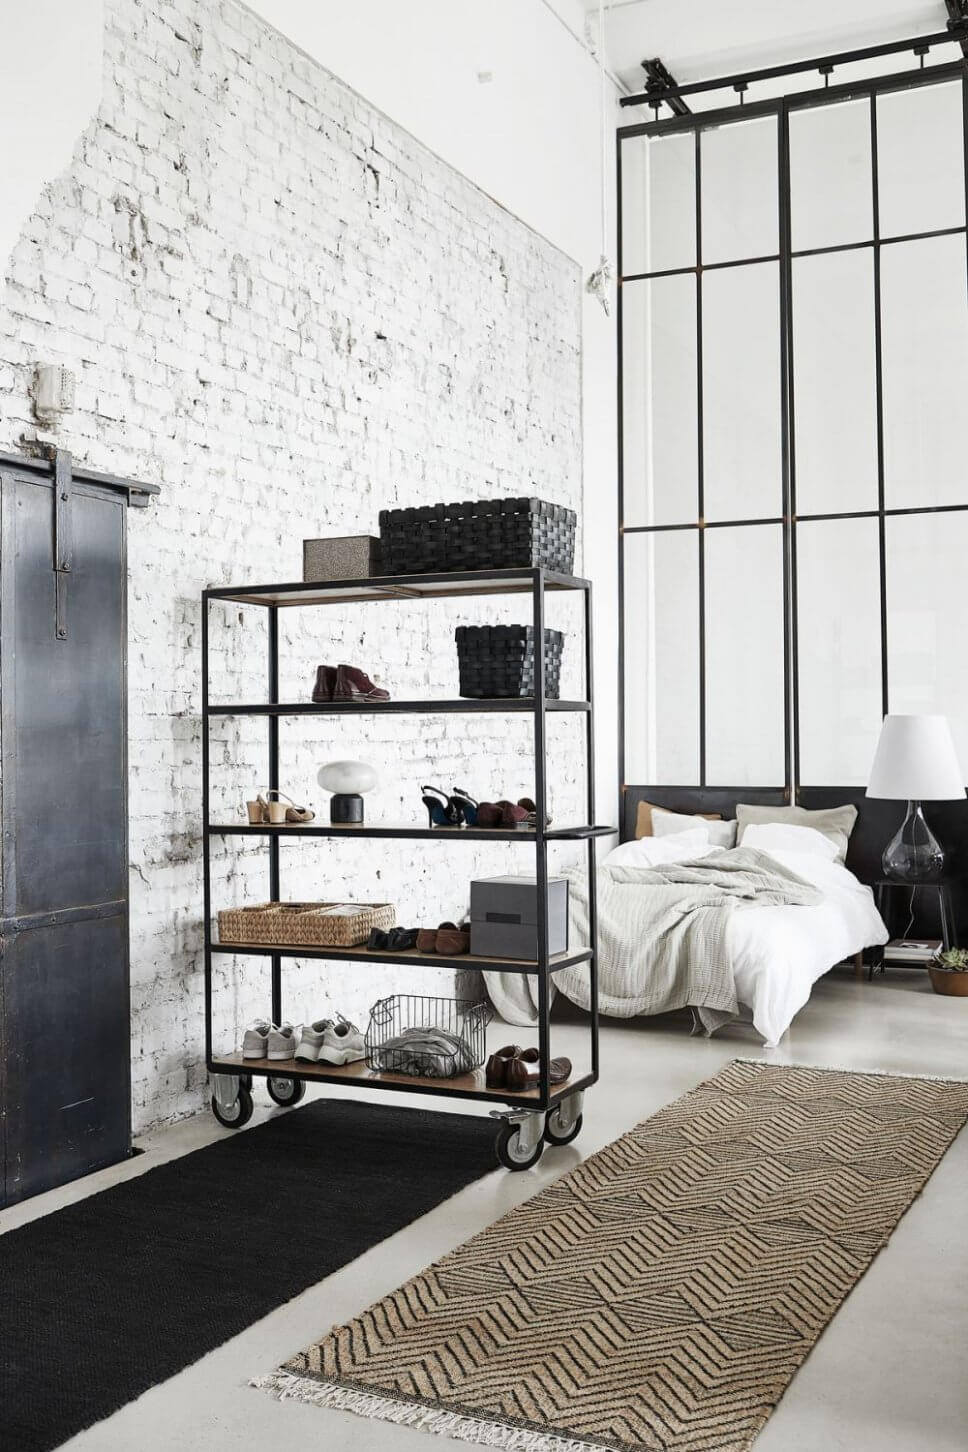 Stahlregal auf Rollen vor Bett neben Backsteinwand